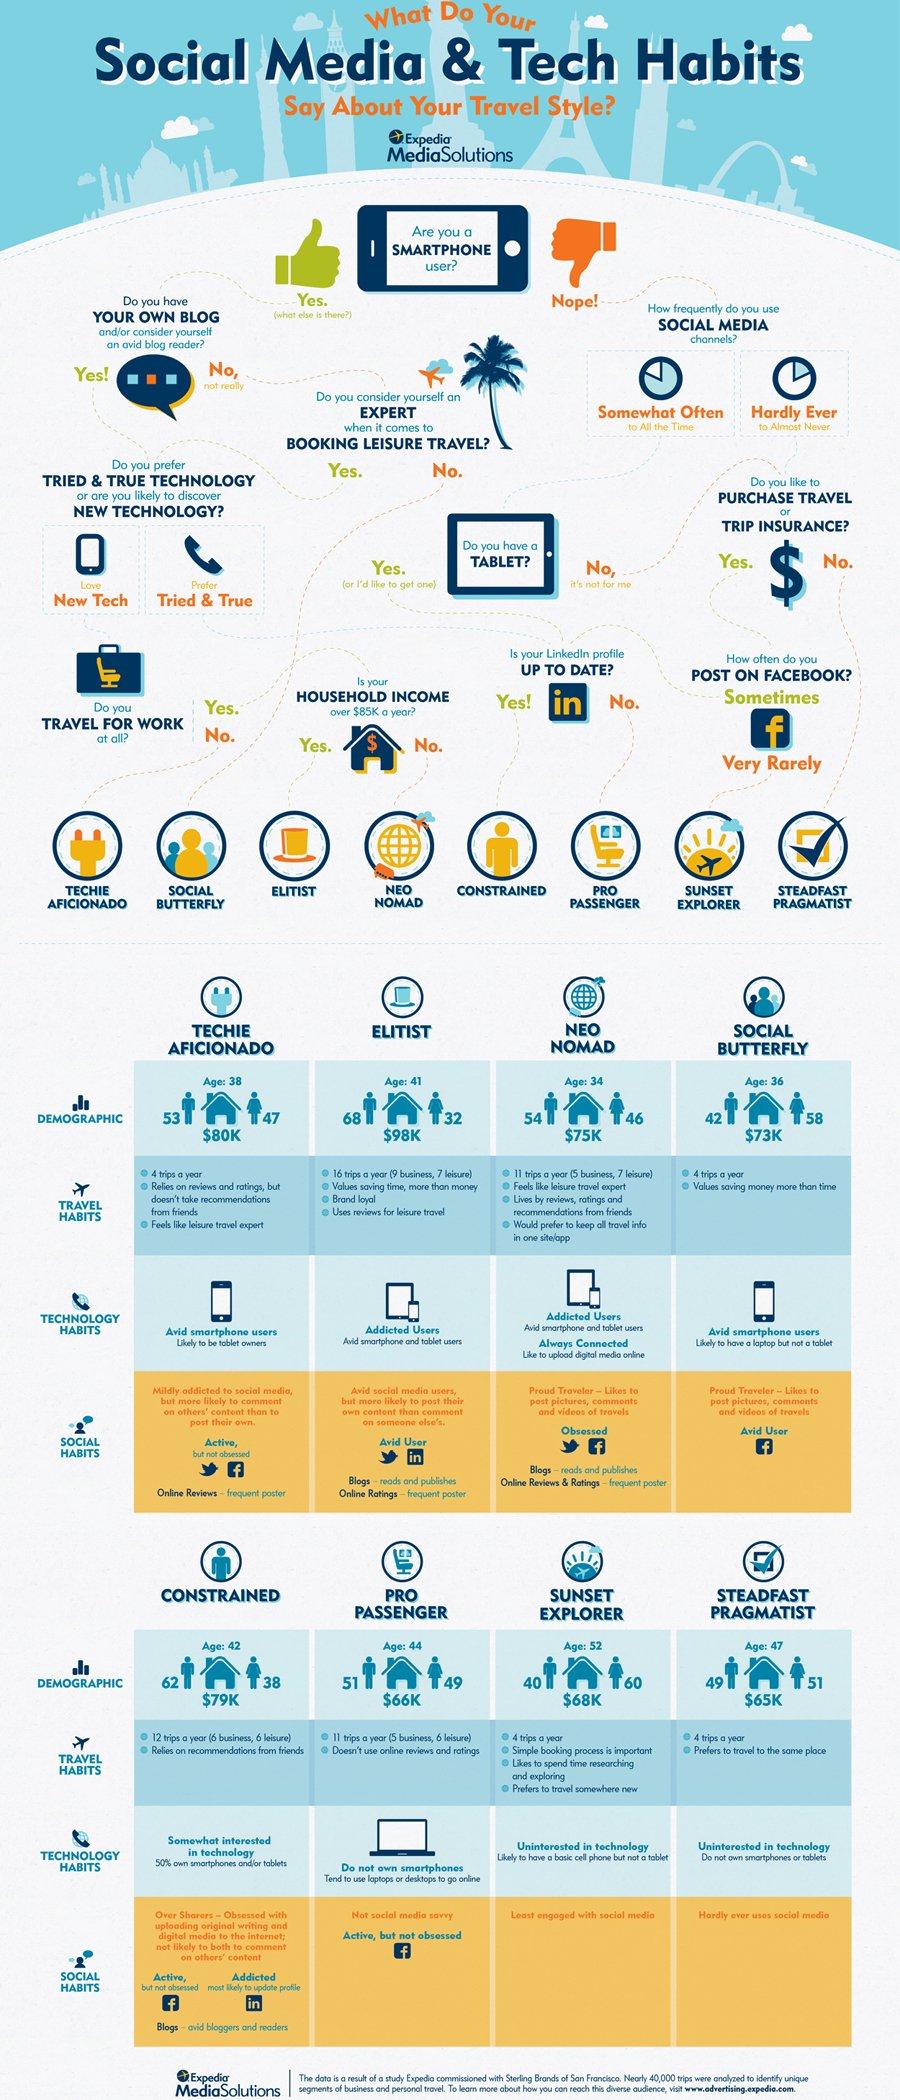 Sosyal Medya Kullanımınız ve Teknolojik Alışkanlıklarınız, Seyahat Tarzınız (Stiliniz) Hakkında Ne Söylüyor